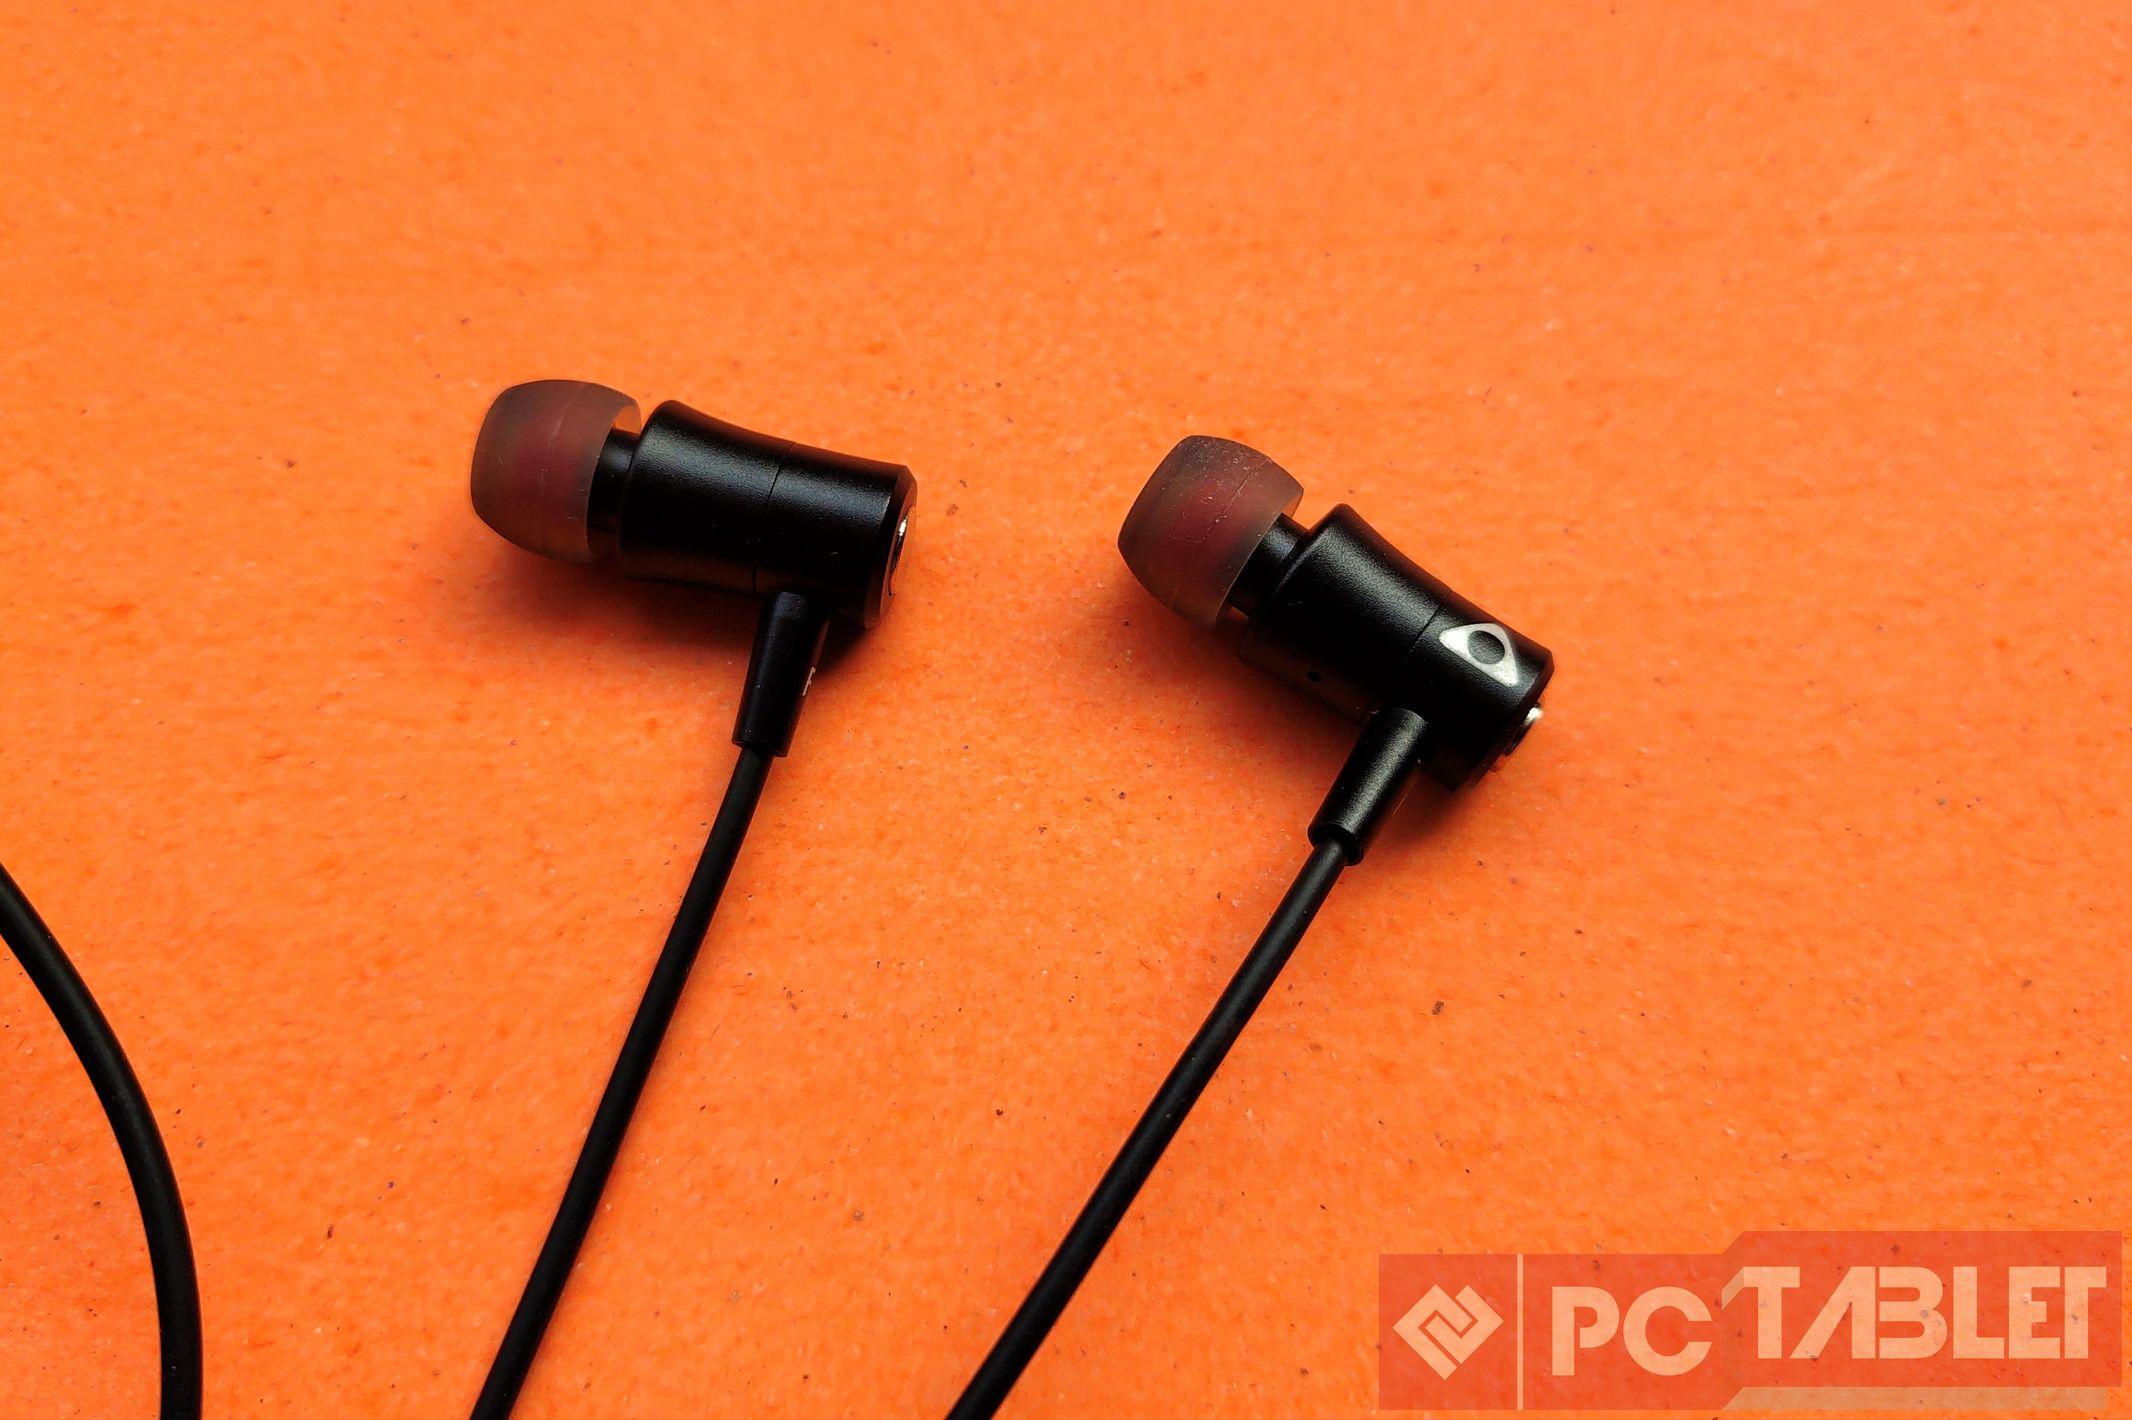 Stuffcoll Dizzy earphones 3